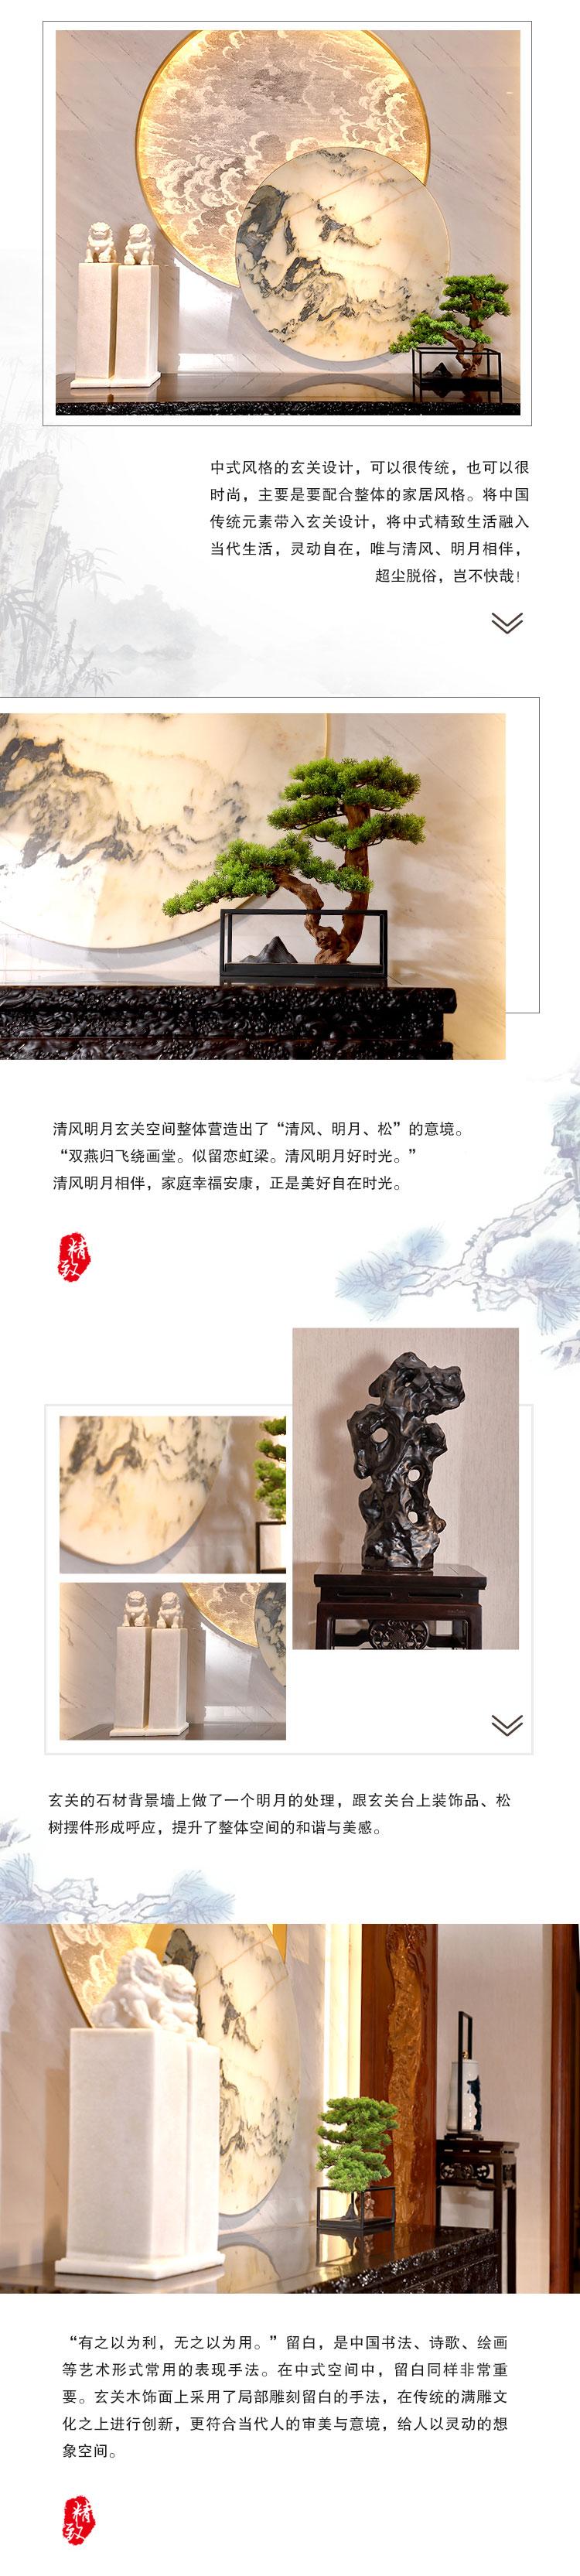 卓木王腾讯产品介绍玄关-2.jpg